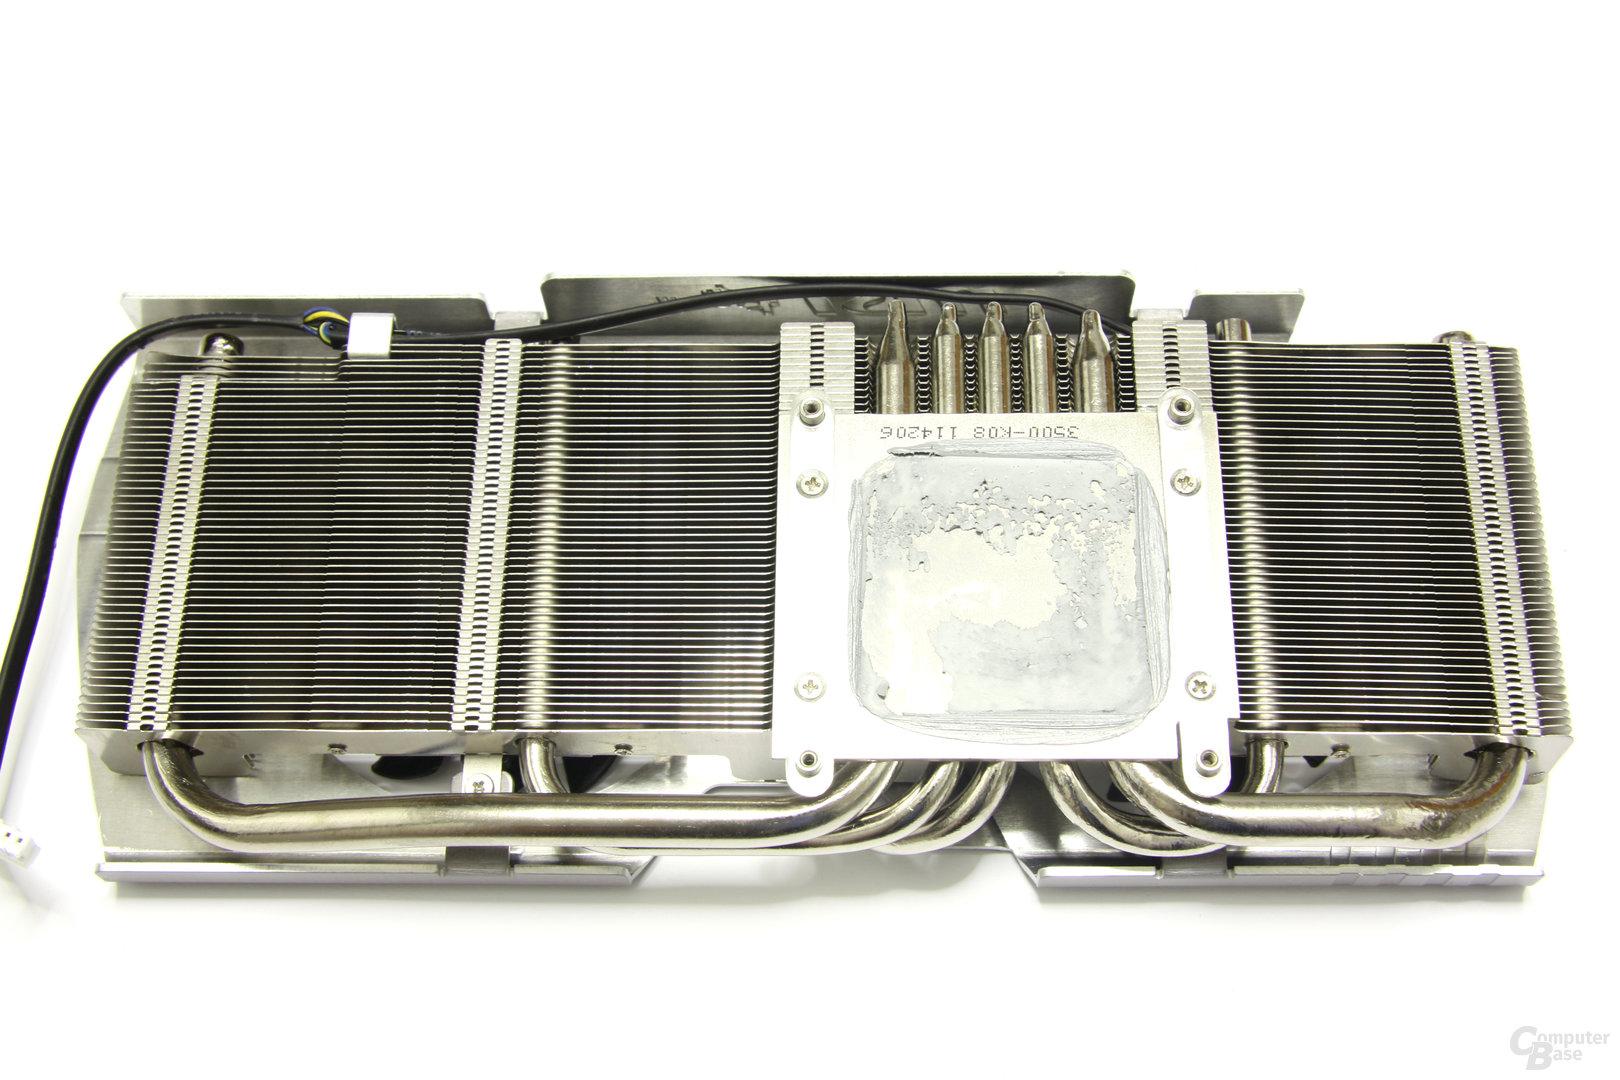 GeForce GTX 560 Ti 448 Core TFIII PE OC Kühlerrückseite